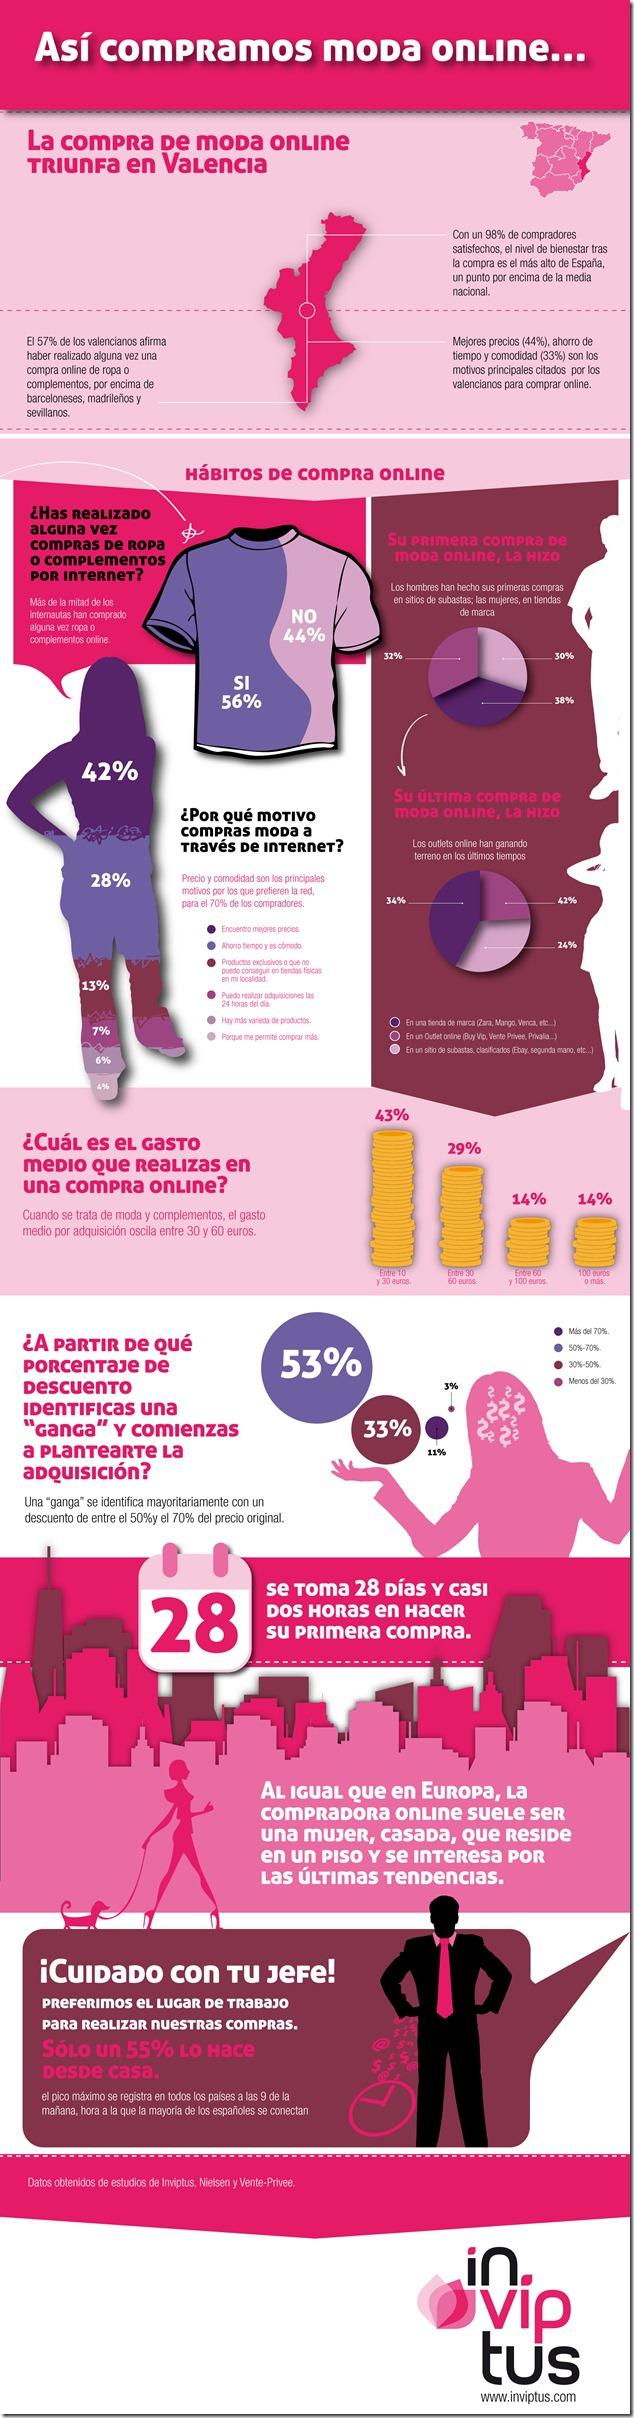 compra de moda online triunfa en valencia